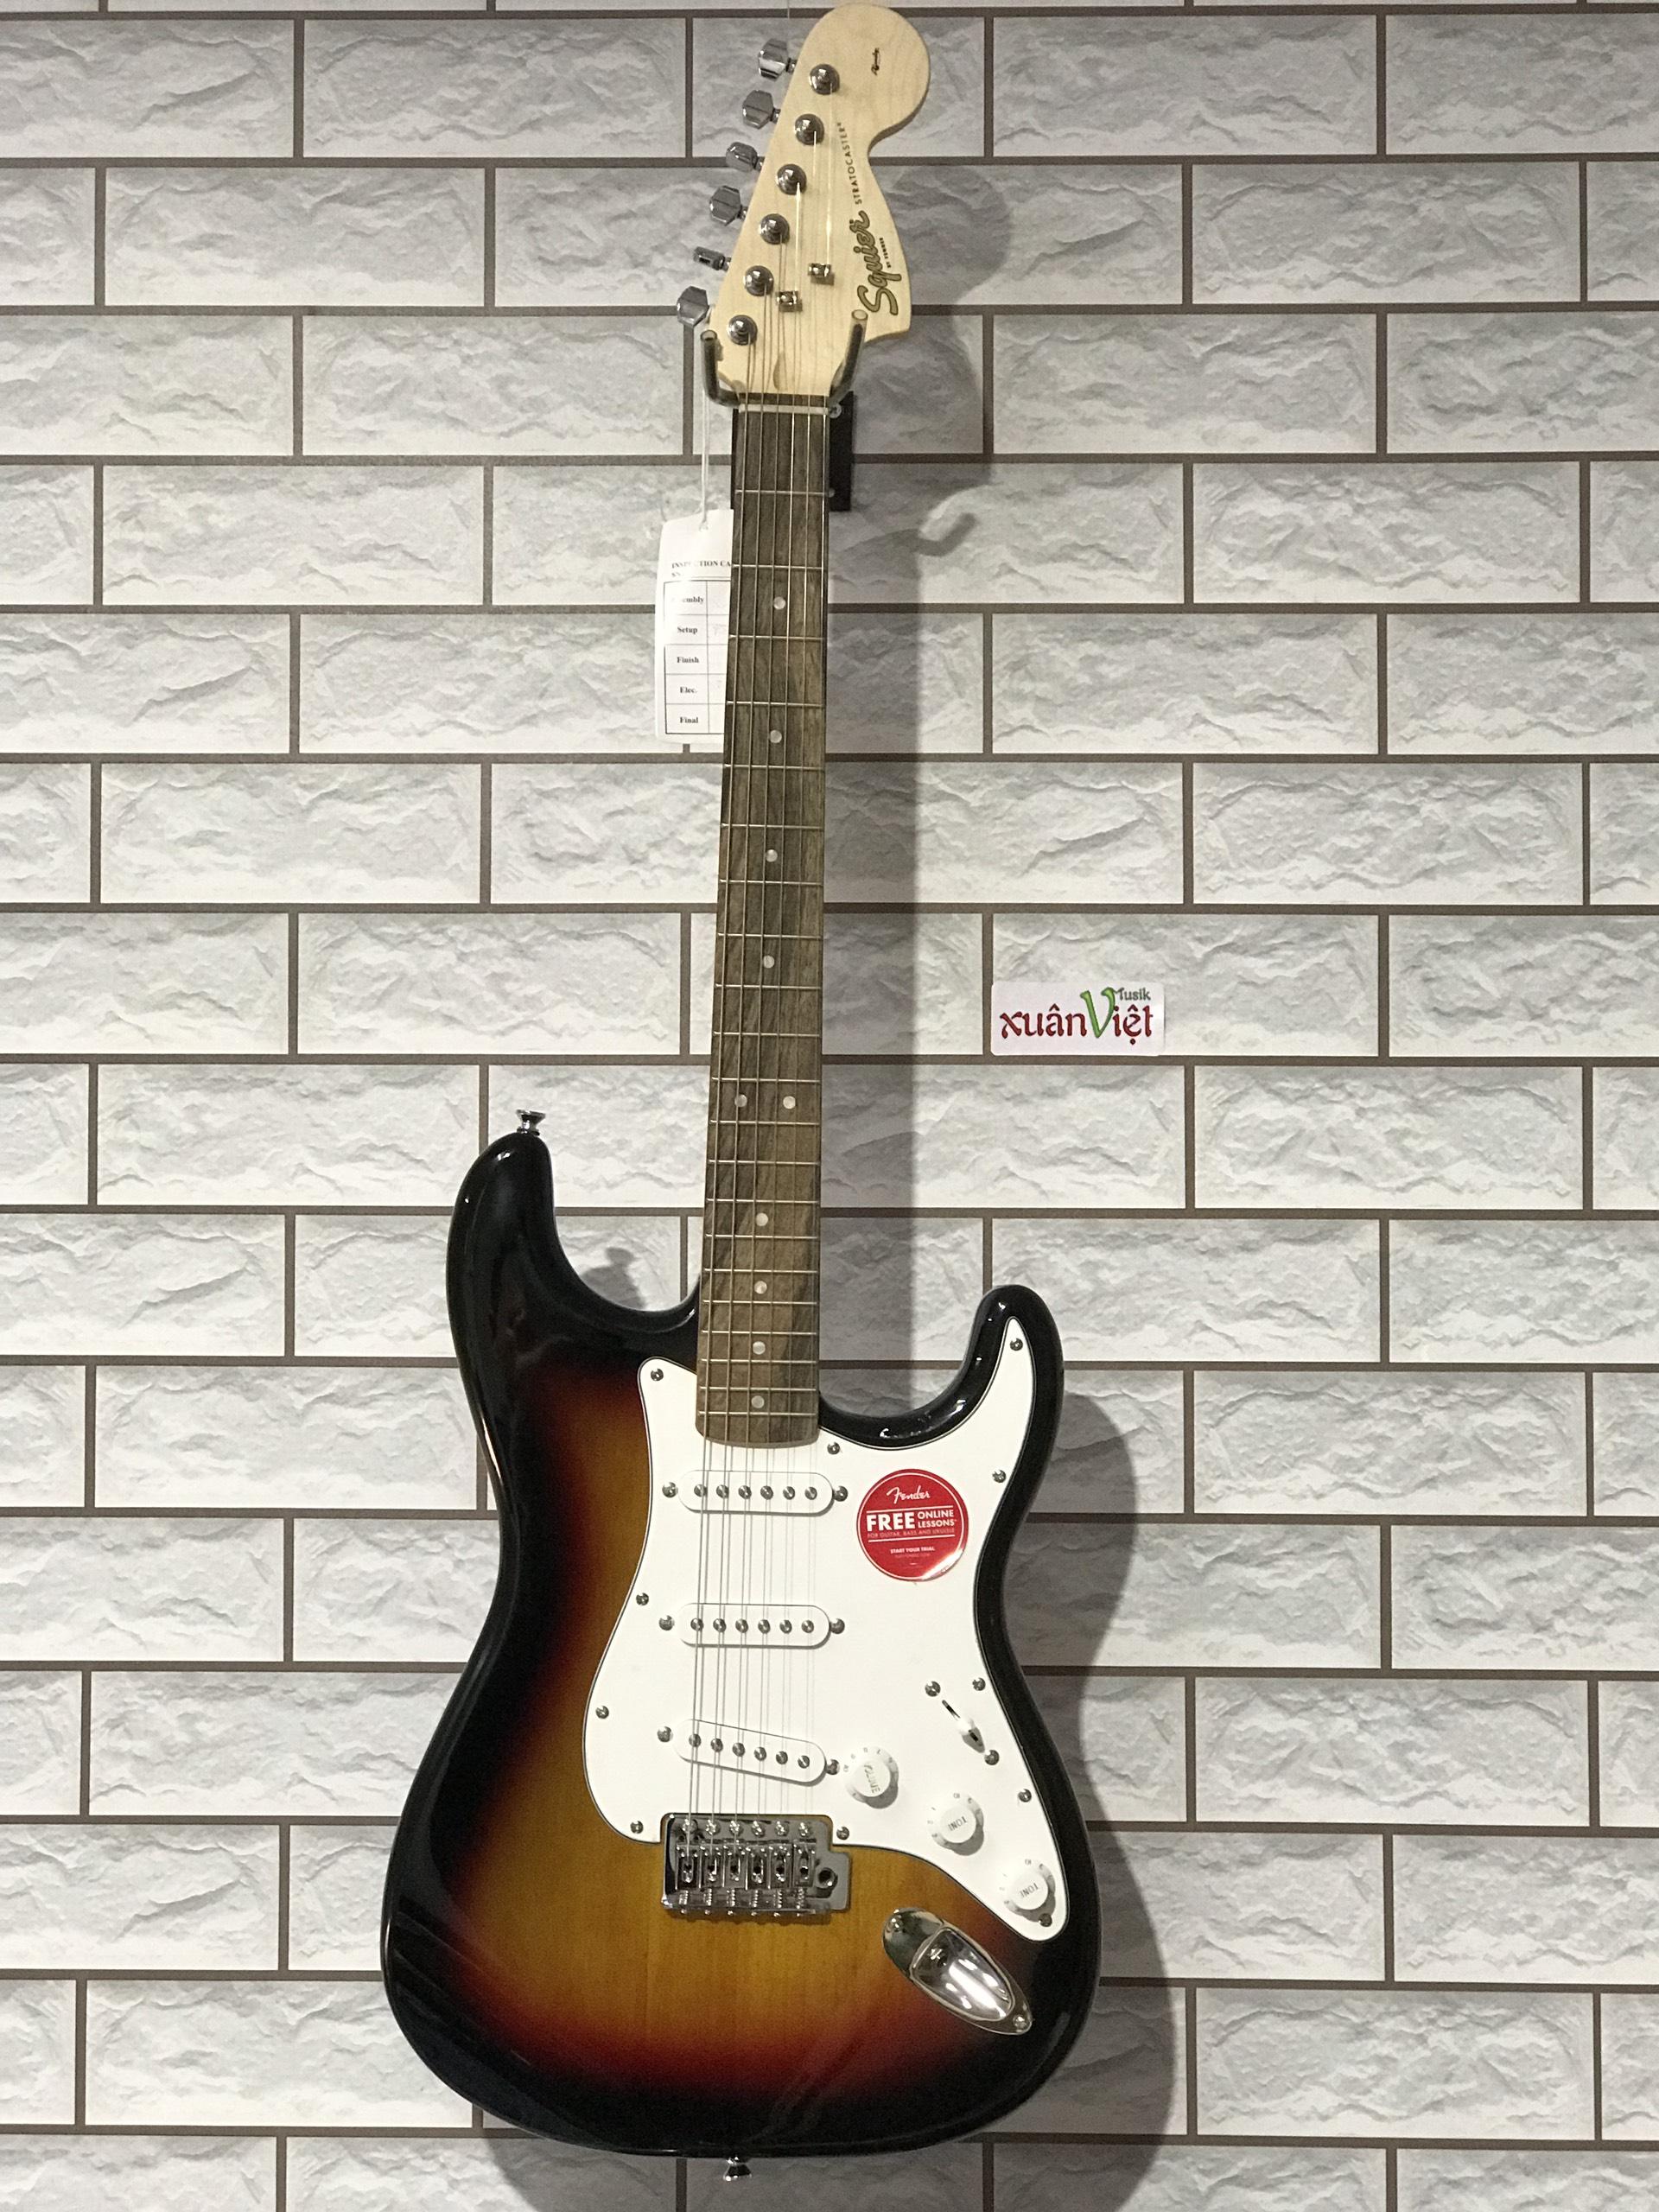 Guitar - Guitar Điện - Guitar Điện FSR SQ AFF STRAT LRL 3TS